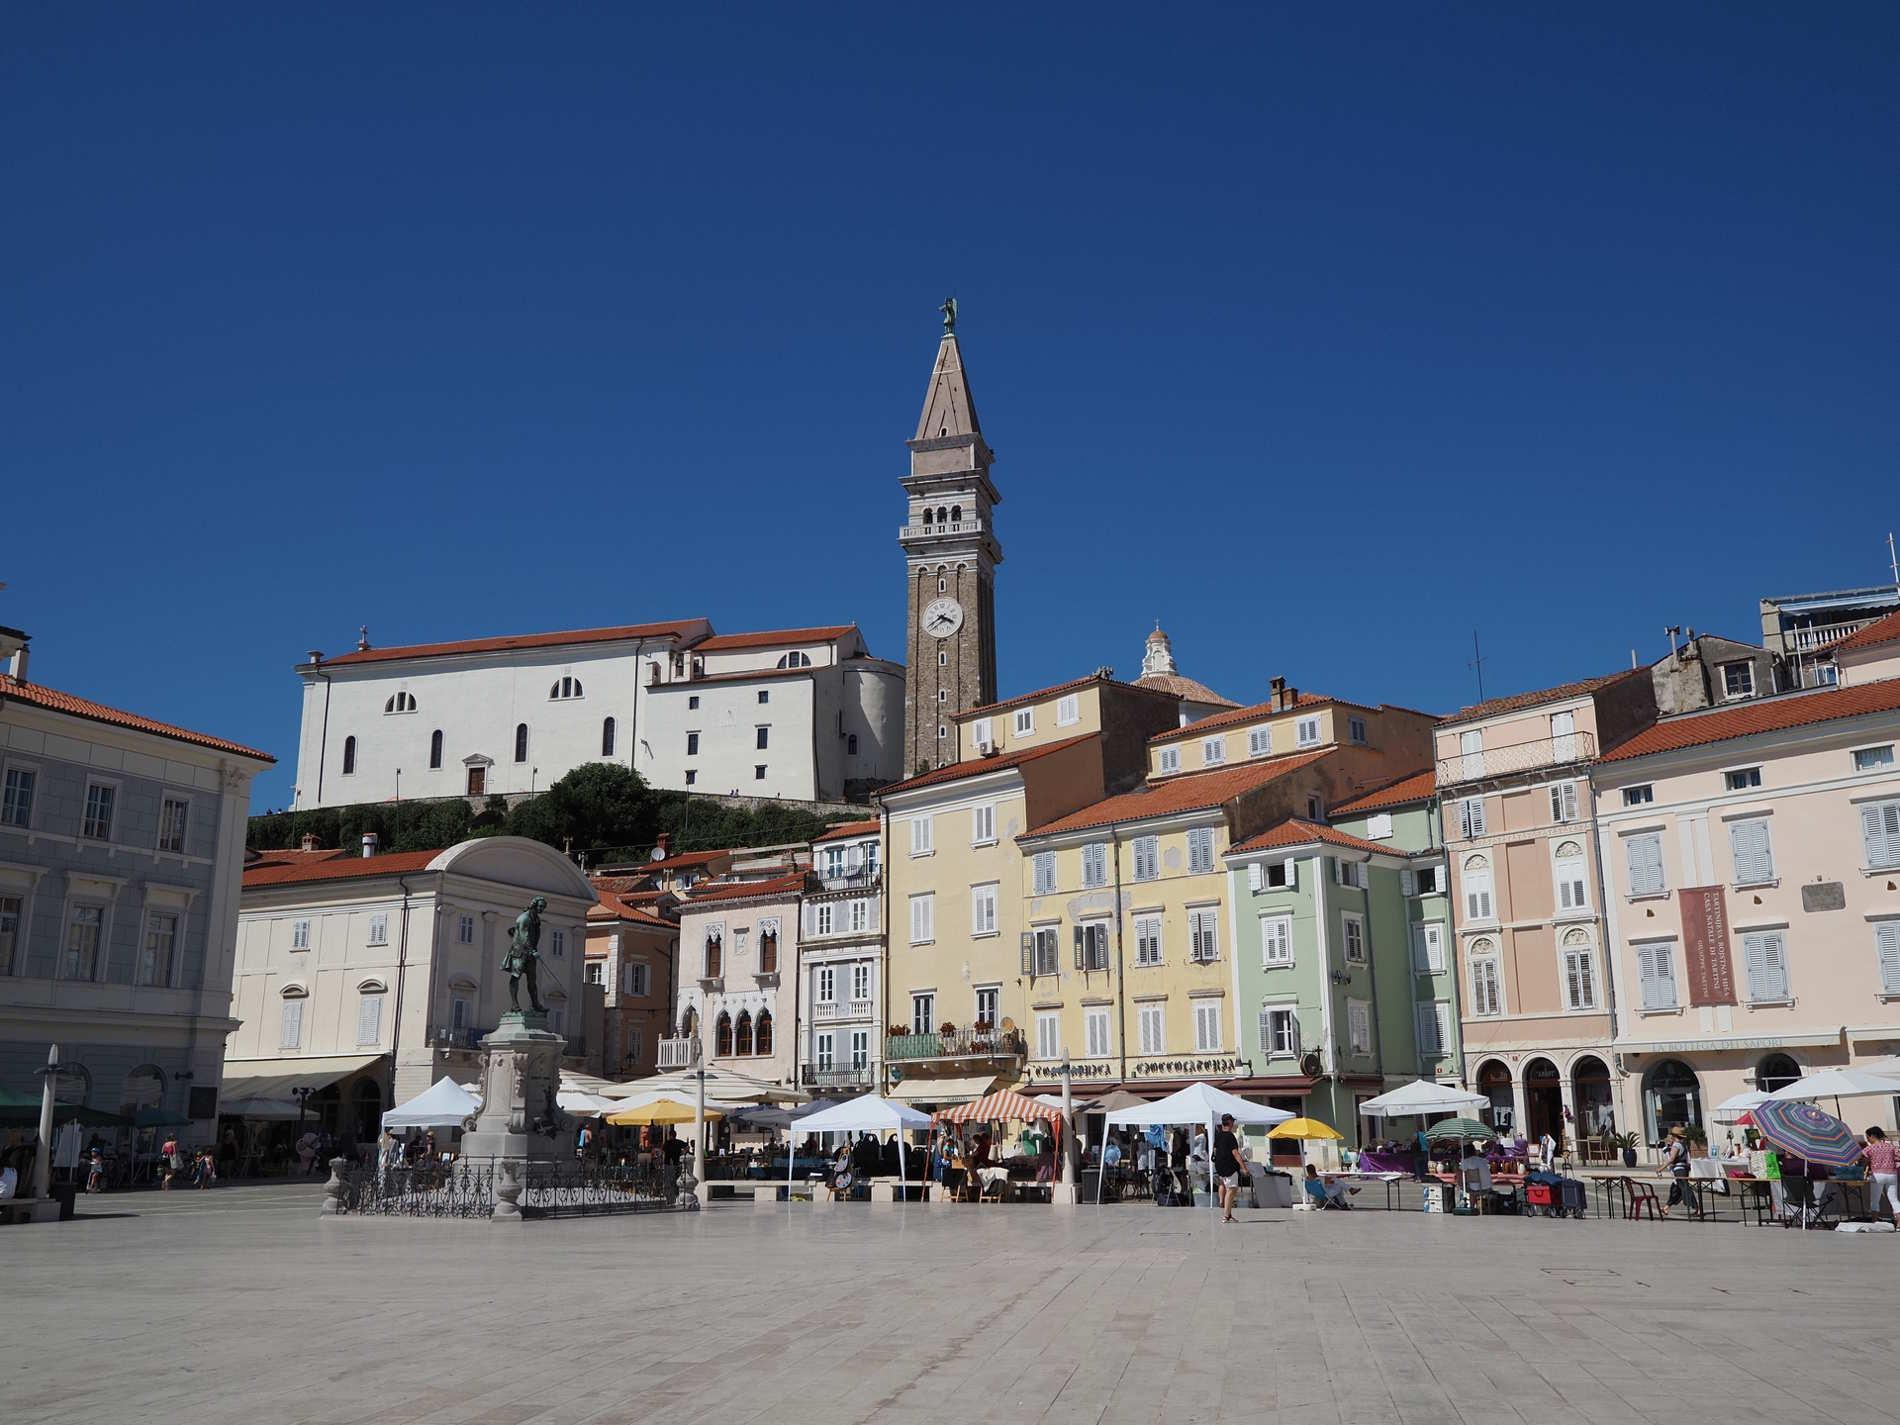 Centro storico di Pirano in Slovenia sulla costa adriatica